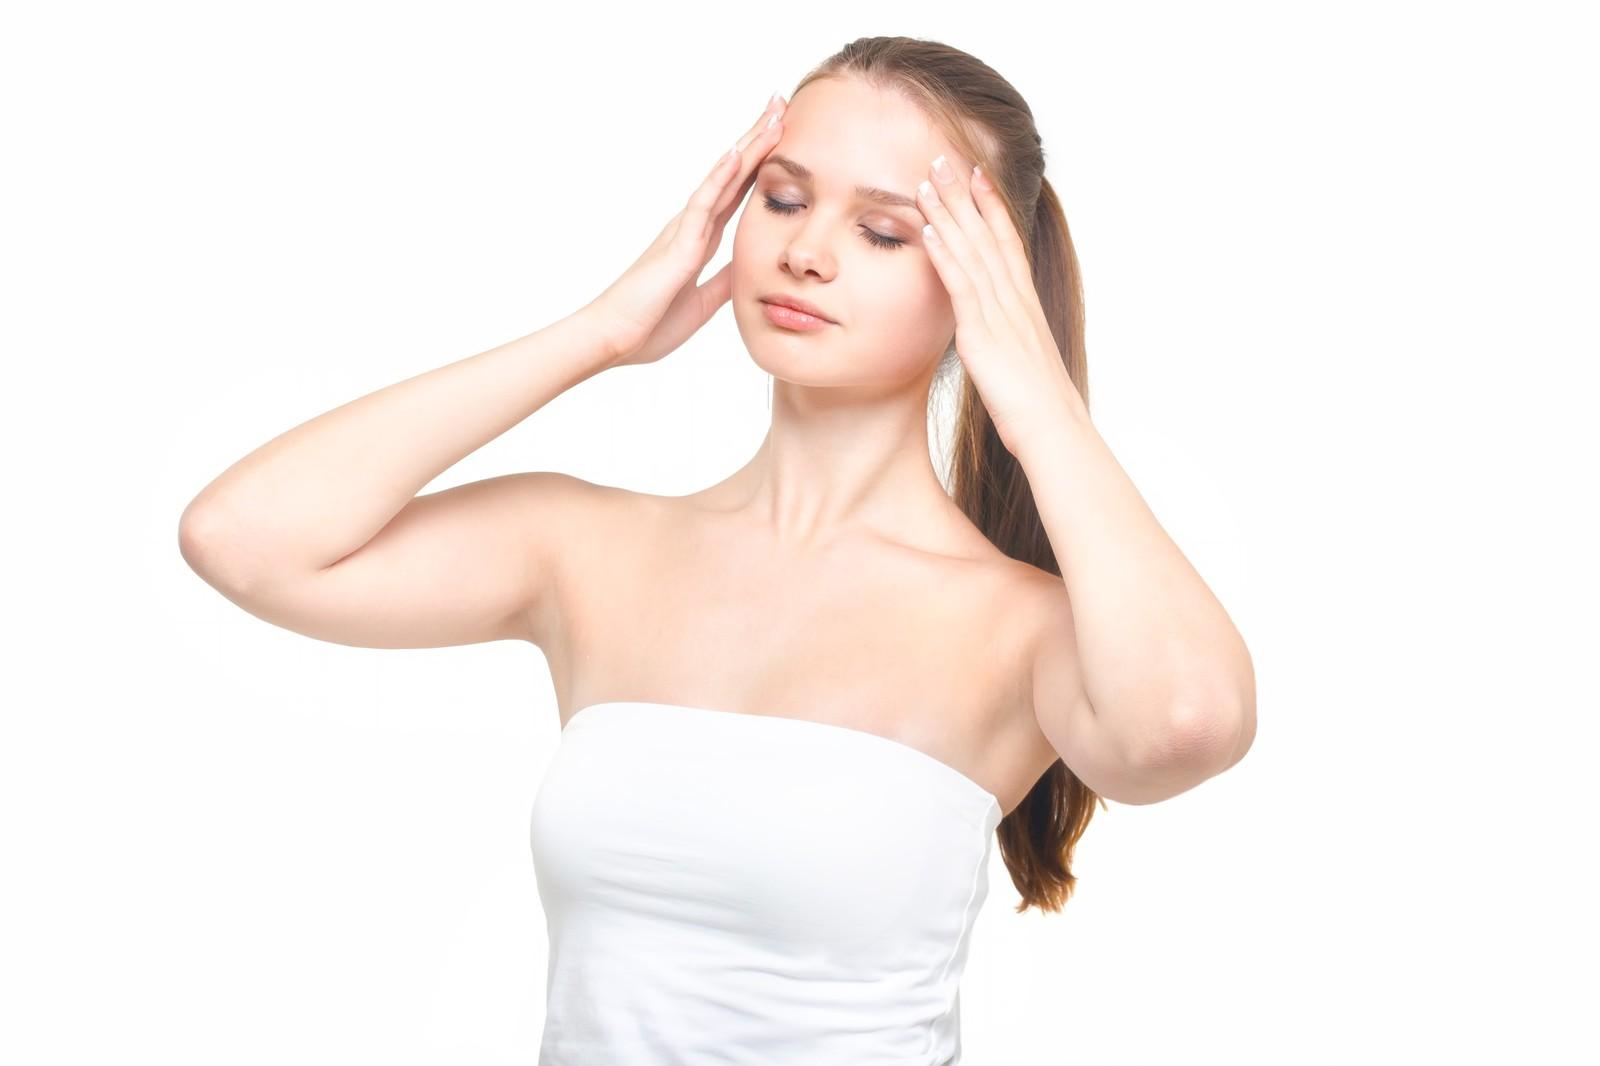 ネトラバスティの効果は?痛かったり染みたりの悪影響ある?